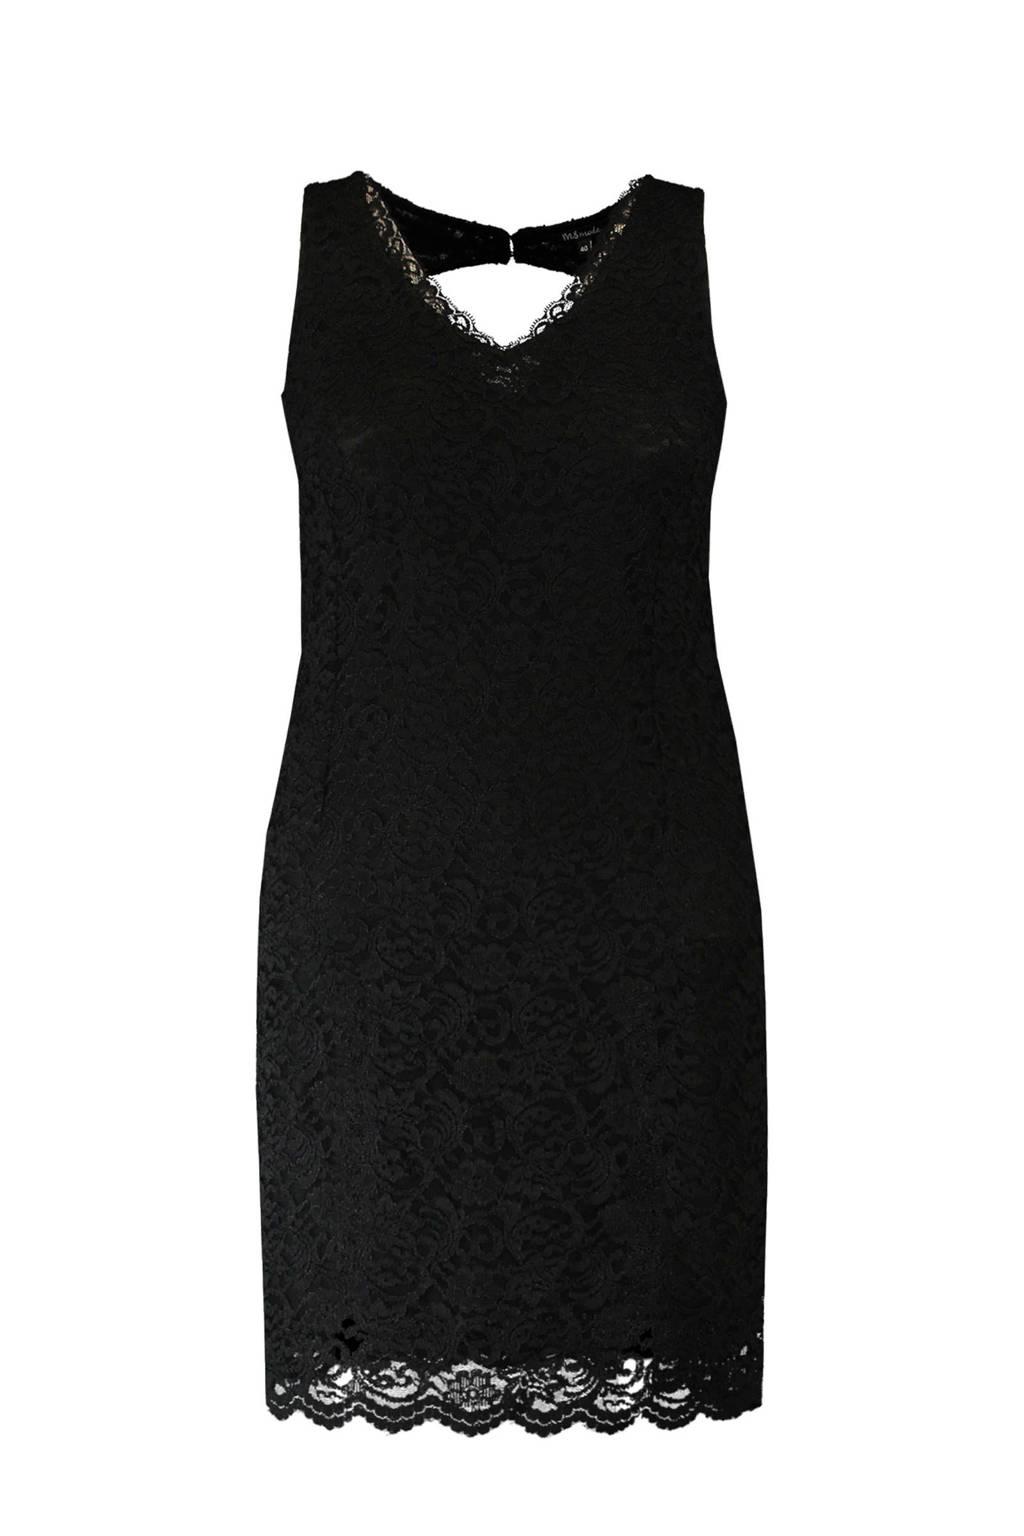 MS Mode kanten jurk met open achterkant zwart, Zwart